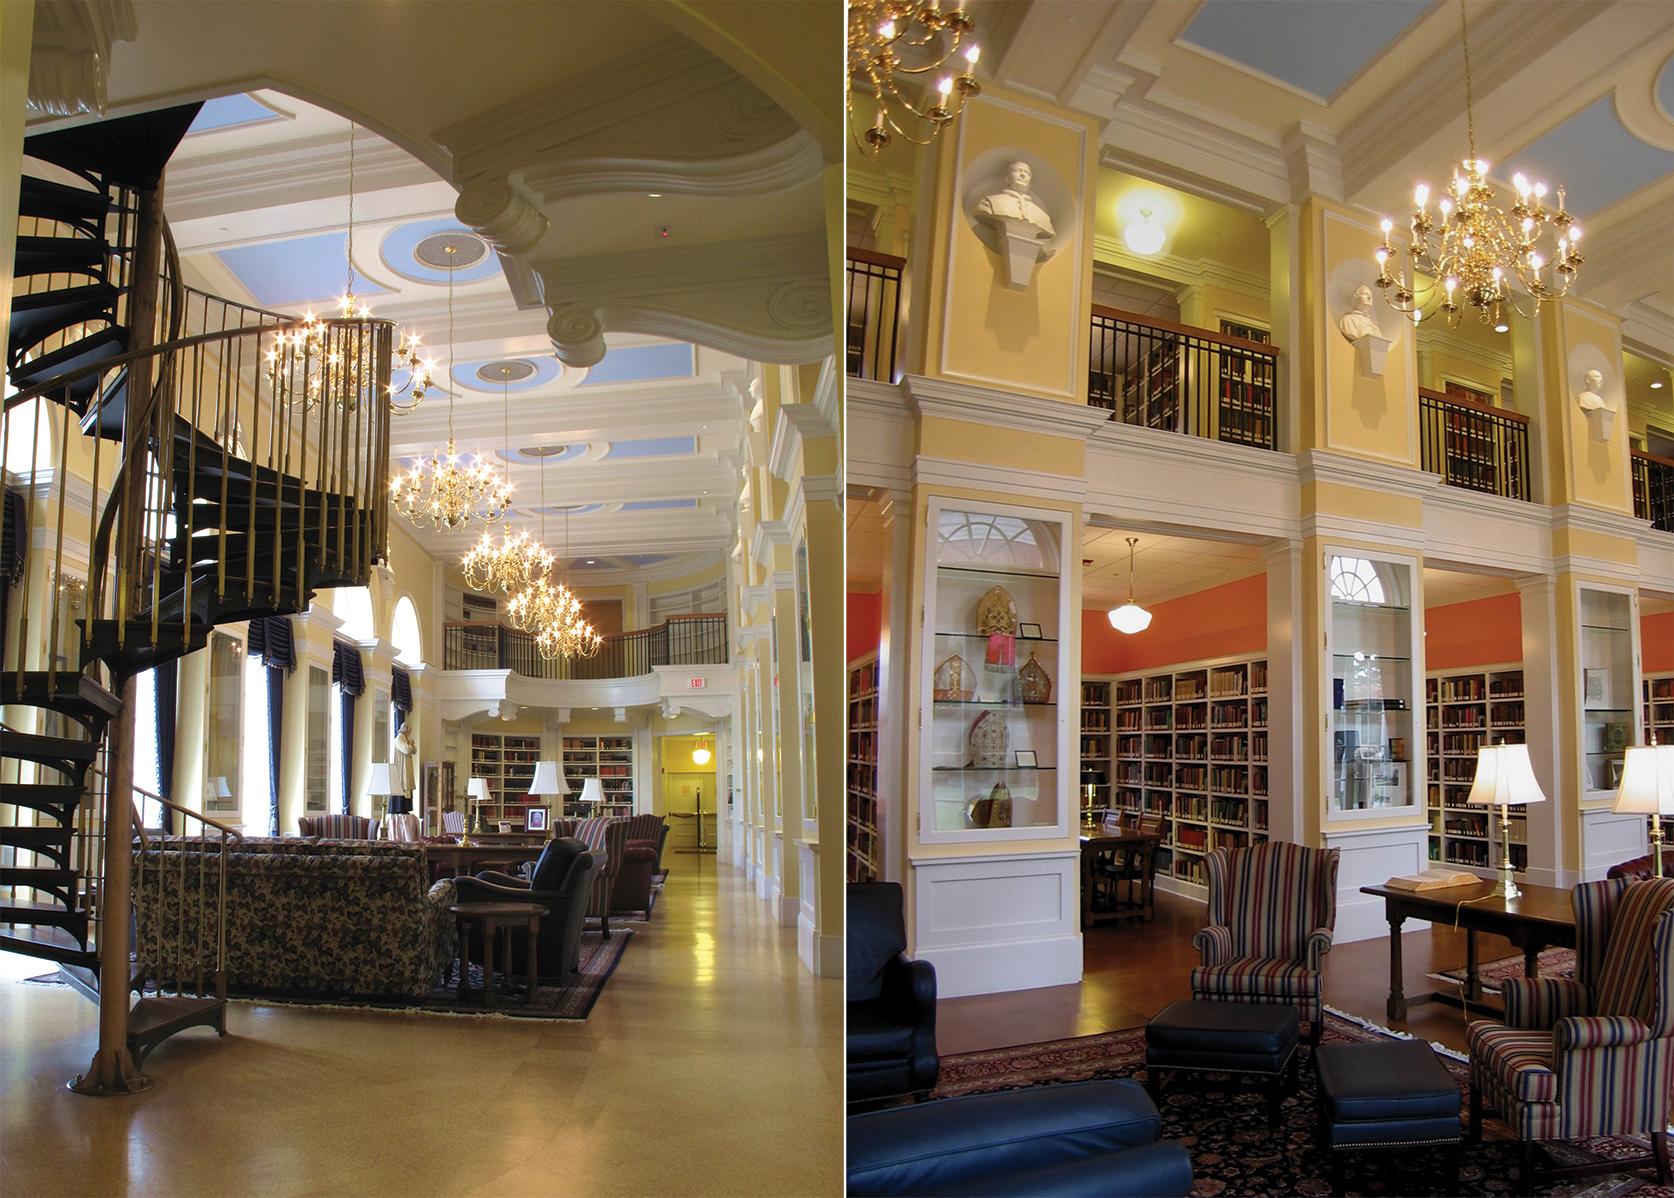 Interior of Feehan Memorial Library.